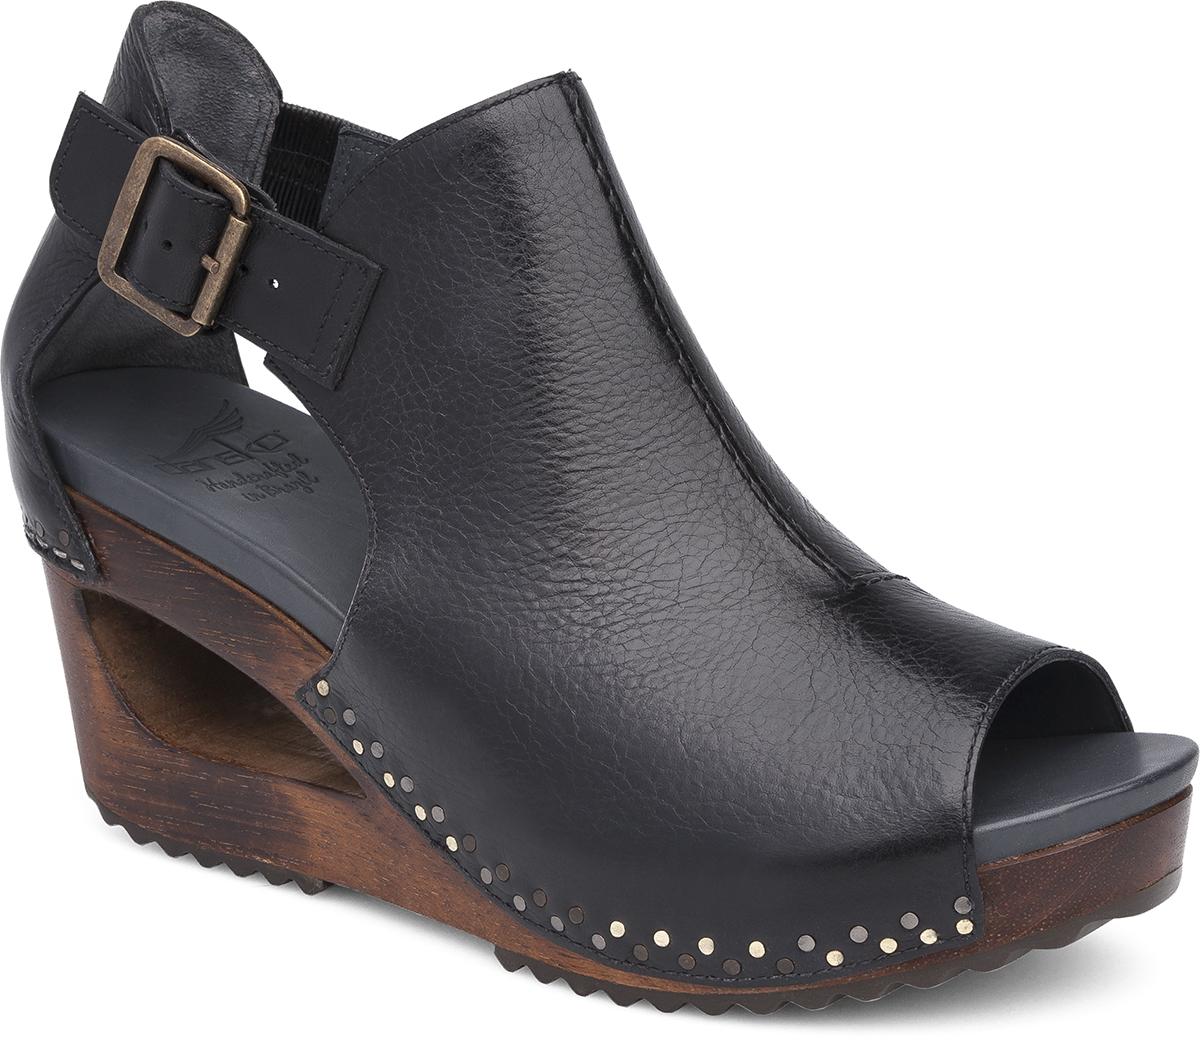 Black dansko sandals - Sable Black Tumbled Calf